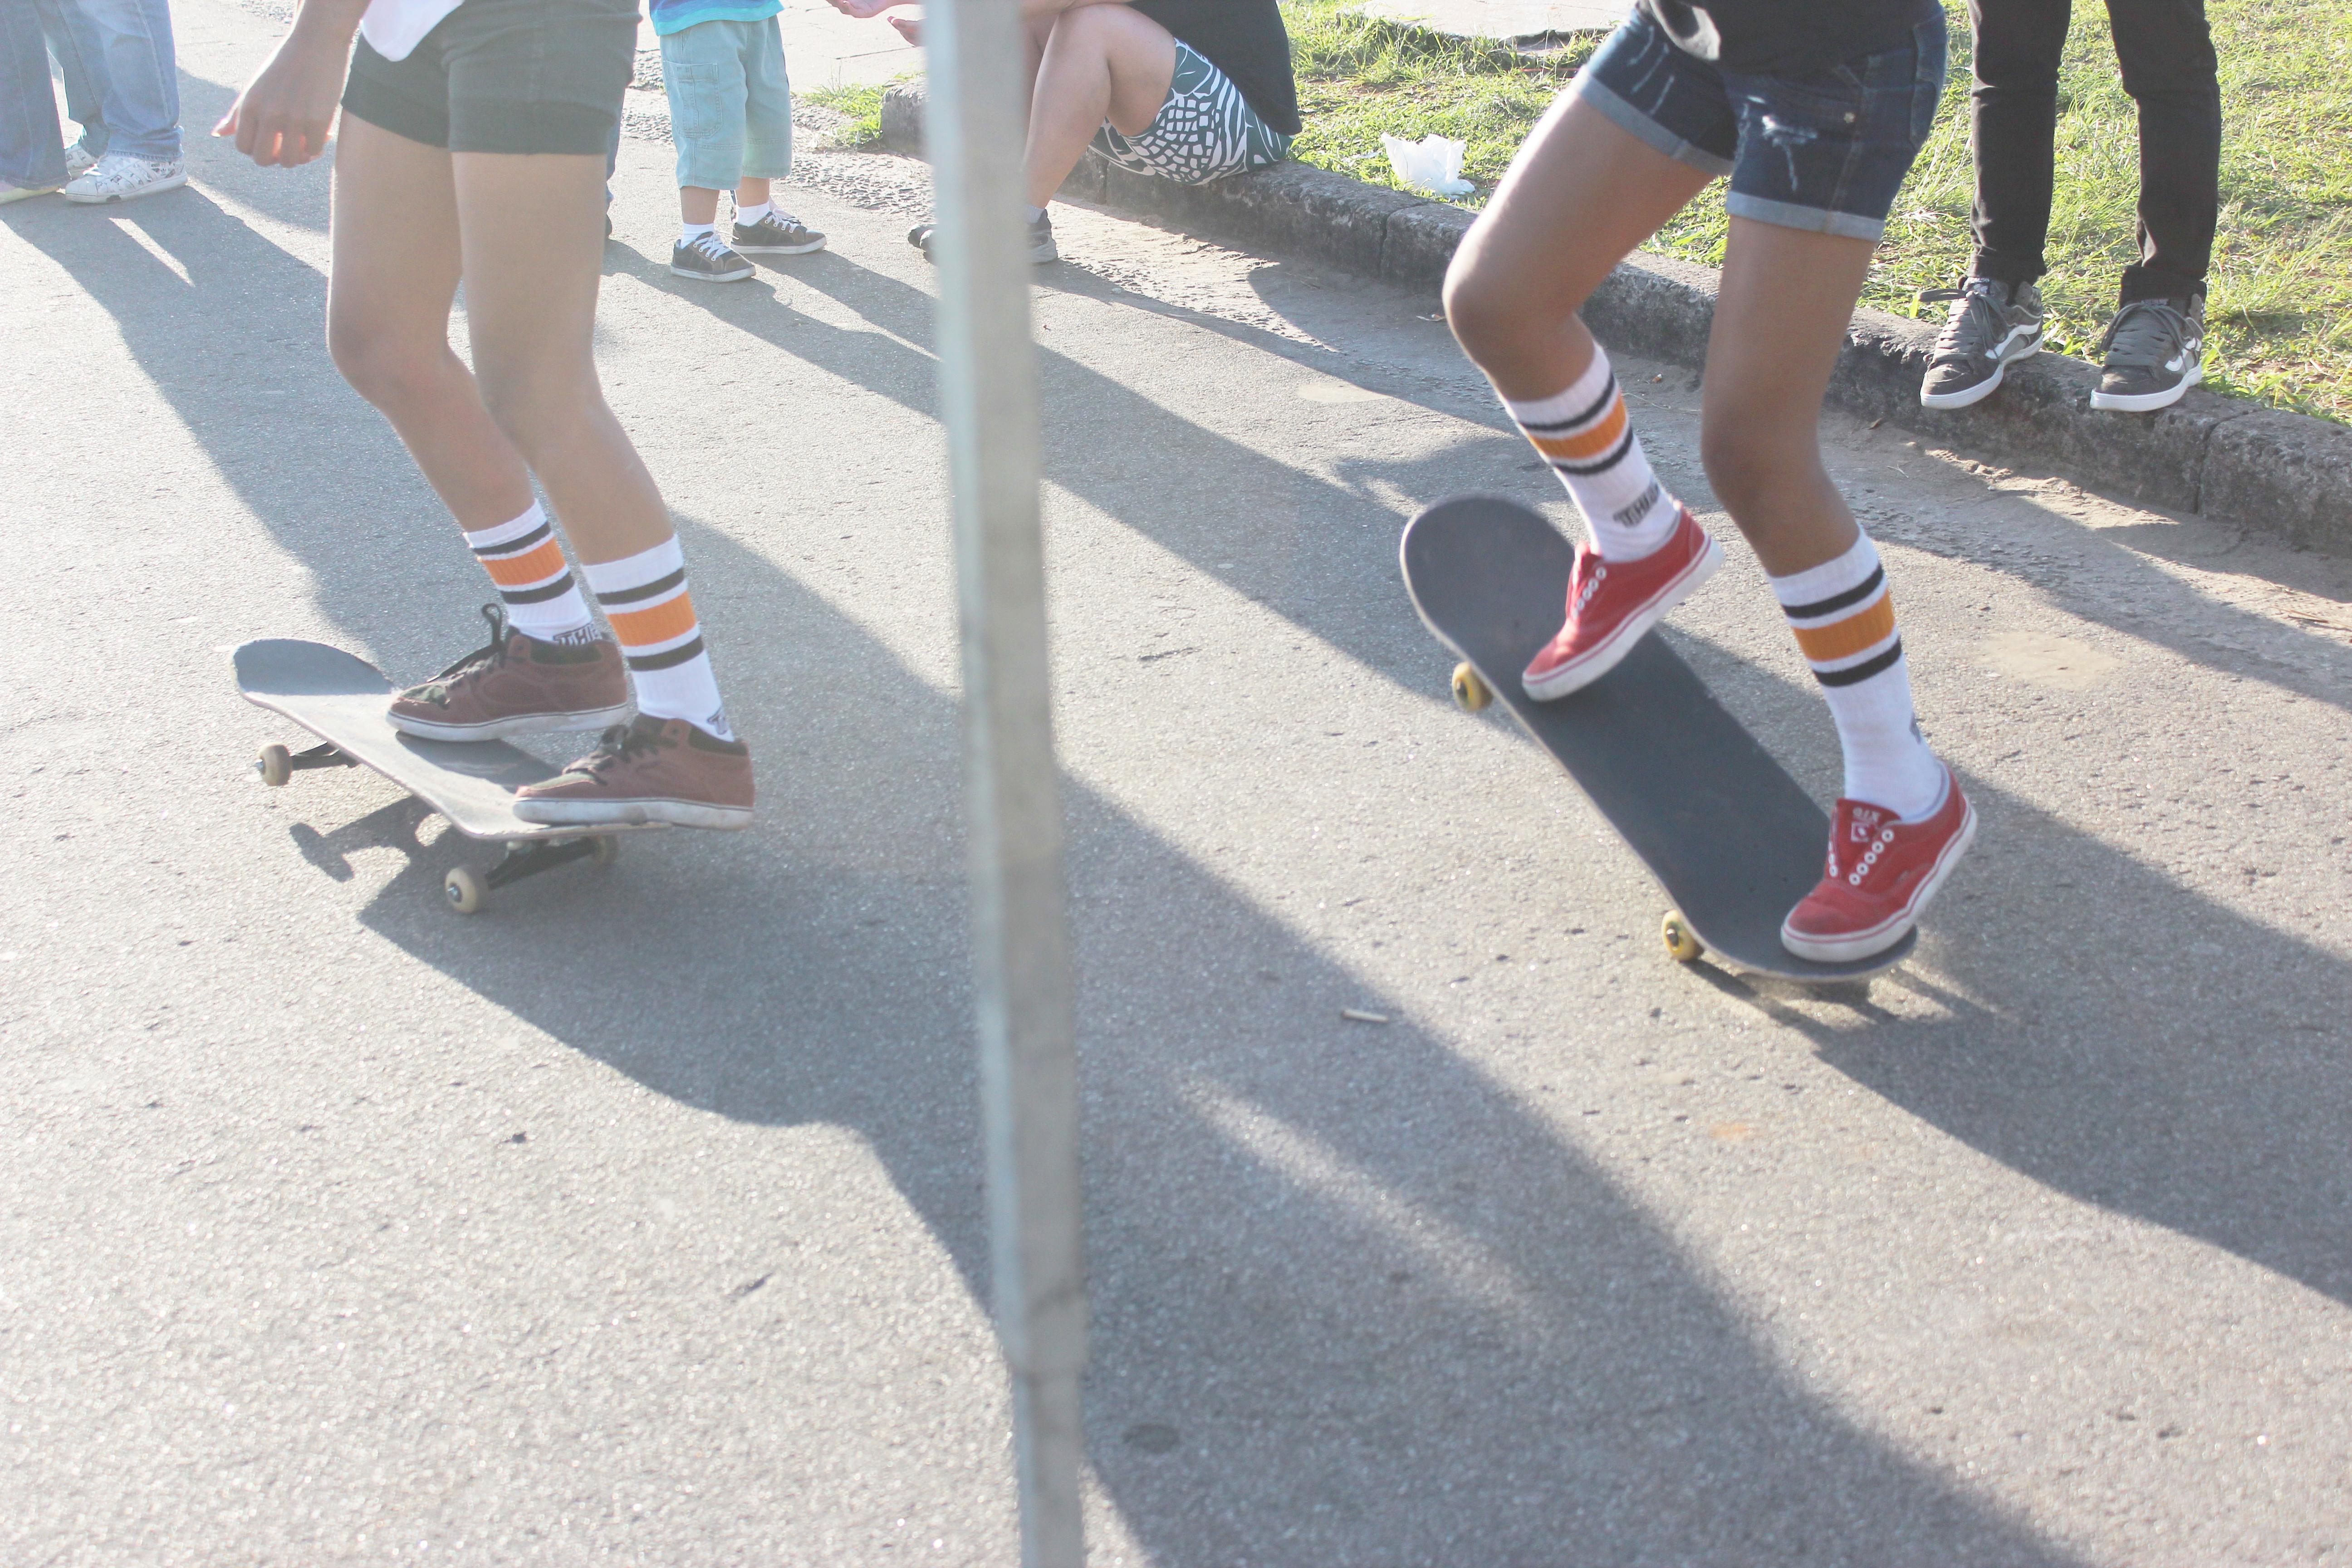 apresentação de skate